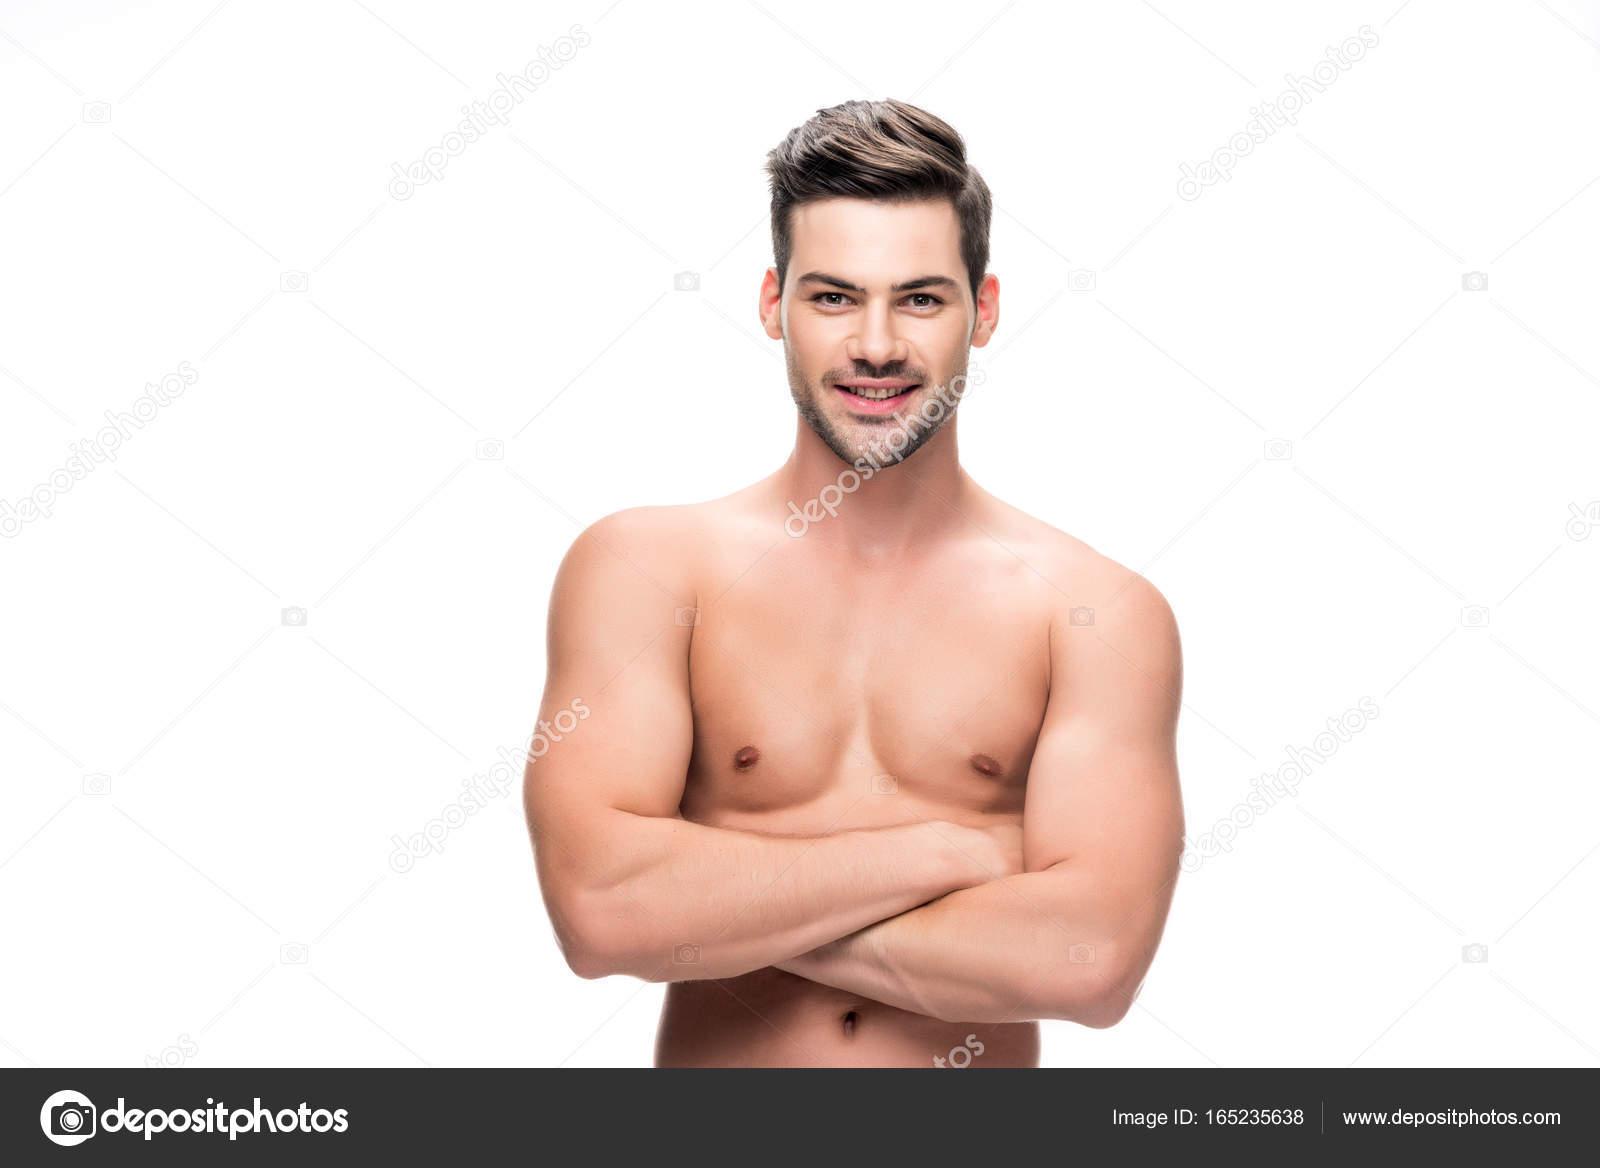 schöner nackter Oberkörper Mann — Stockfoto © AllaSerebrina #165235638